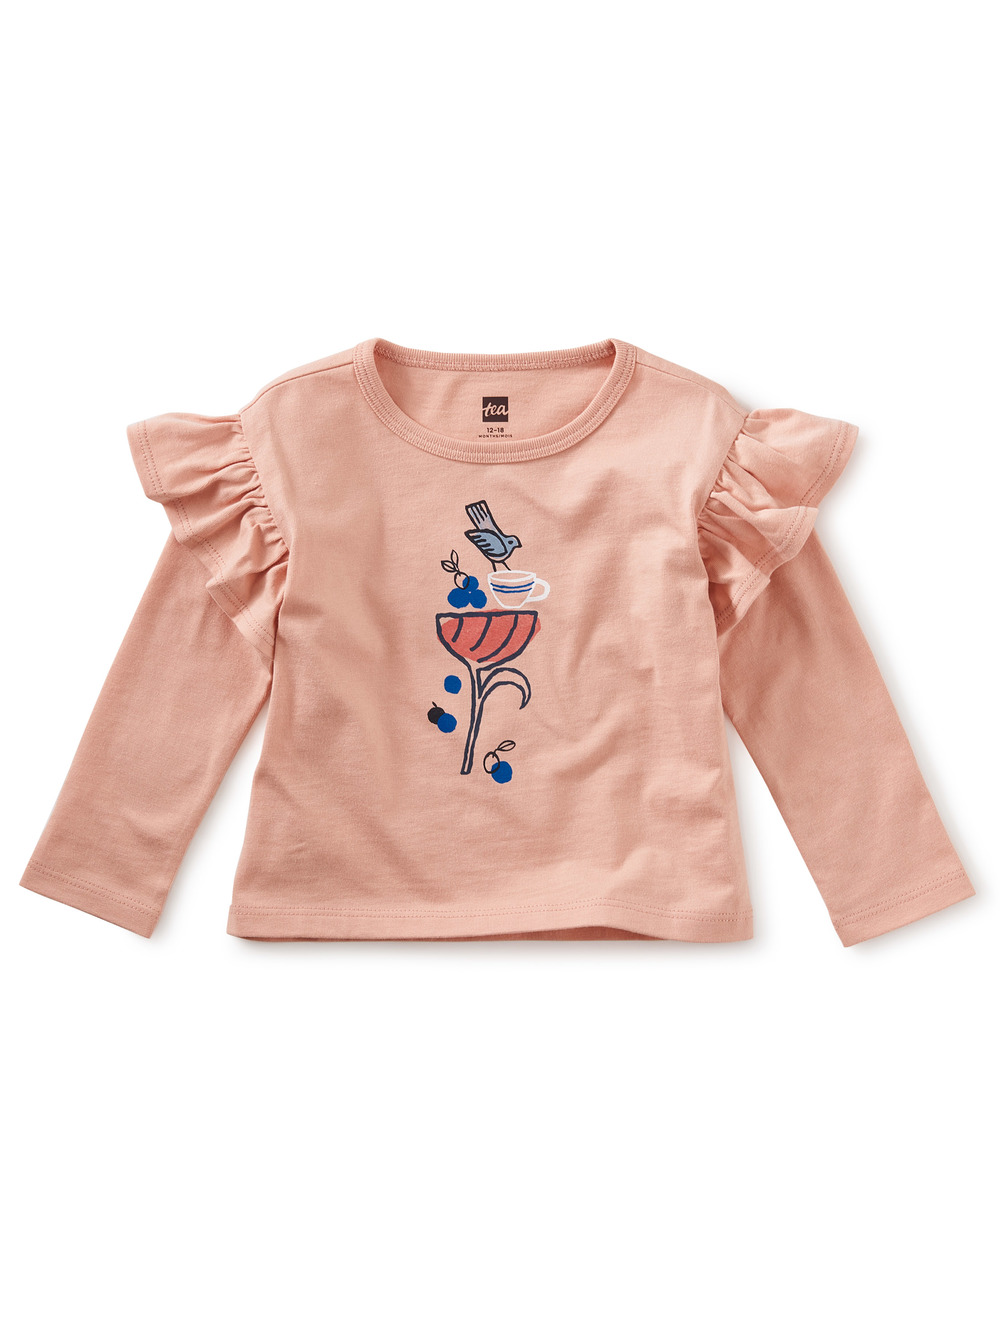 Bird & Bloom Baby Graphic Tee